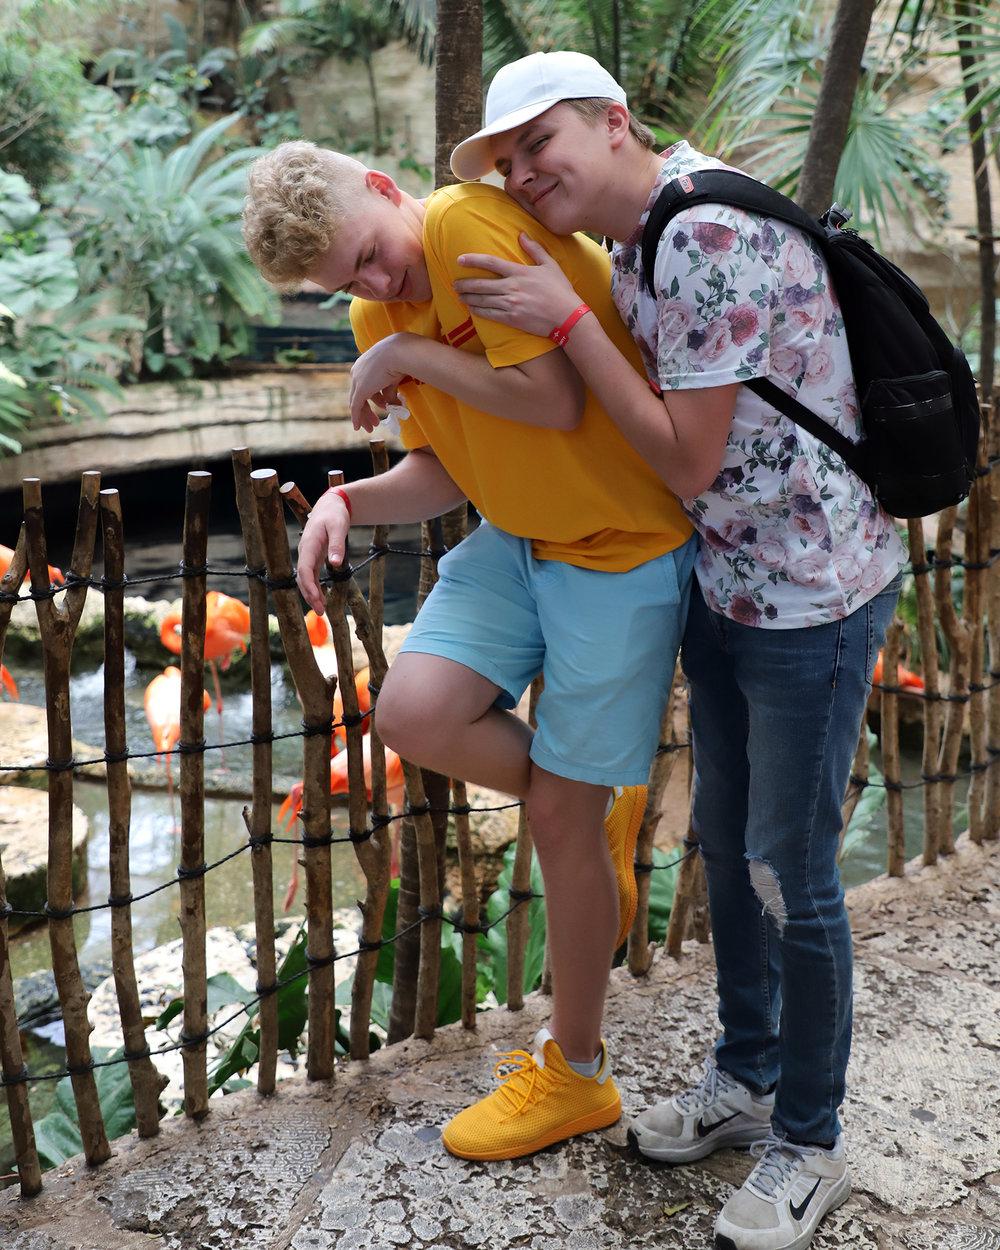 Westwood HS - 2018 NLC - World Aquarium (acting like a flamingo)